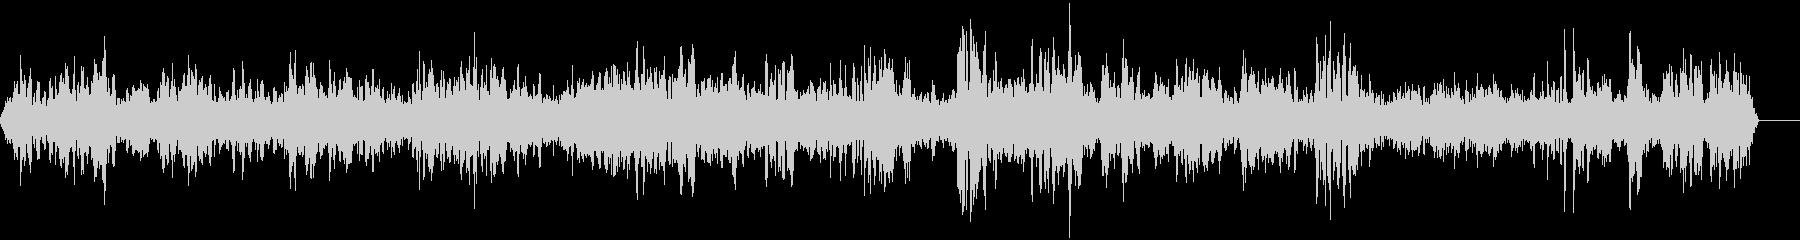 マーケット-ビジー-ボイス()-リ...の未再生の波形